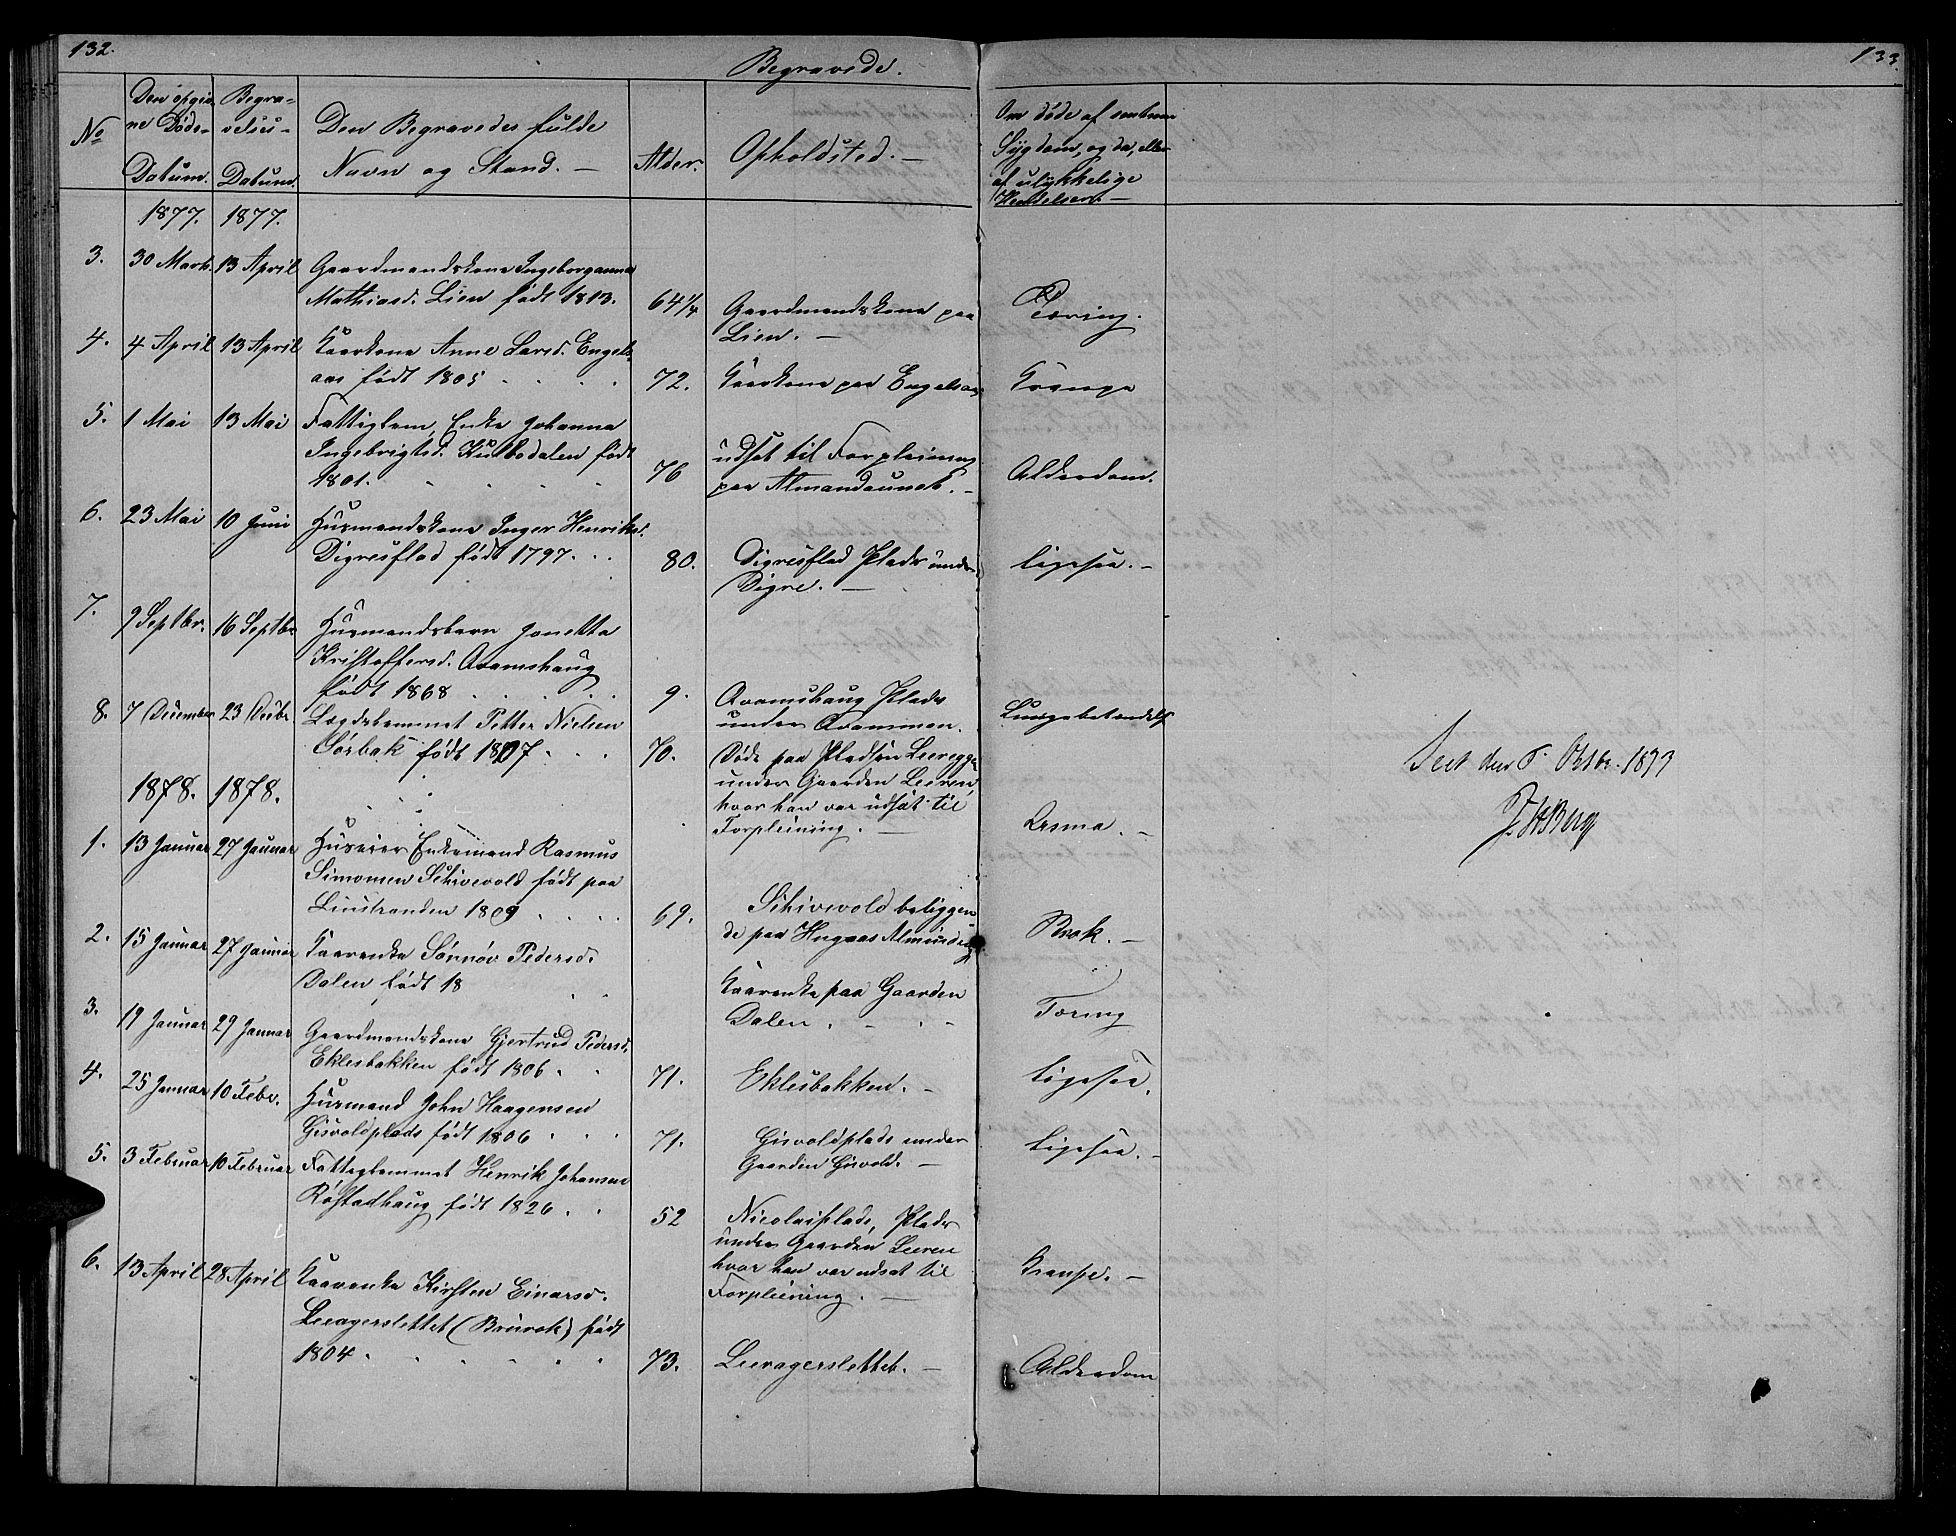 SAT, Ministerialprotokoller, klokkerbøker og fødselsregistre - Sør-Trøndelag, 608/L0340: Klokkerbok nr. 608C06, 1864-1889, s. 132-133